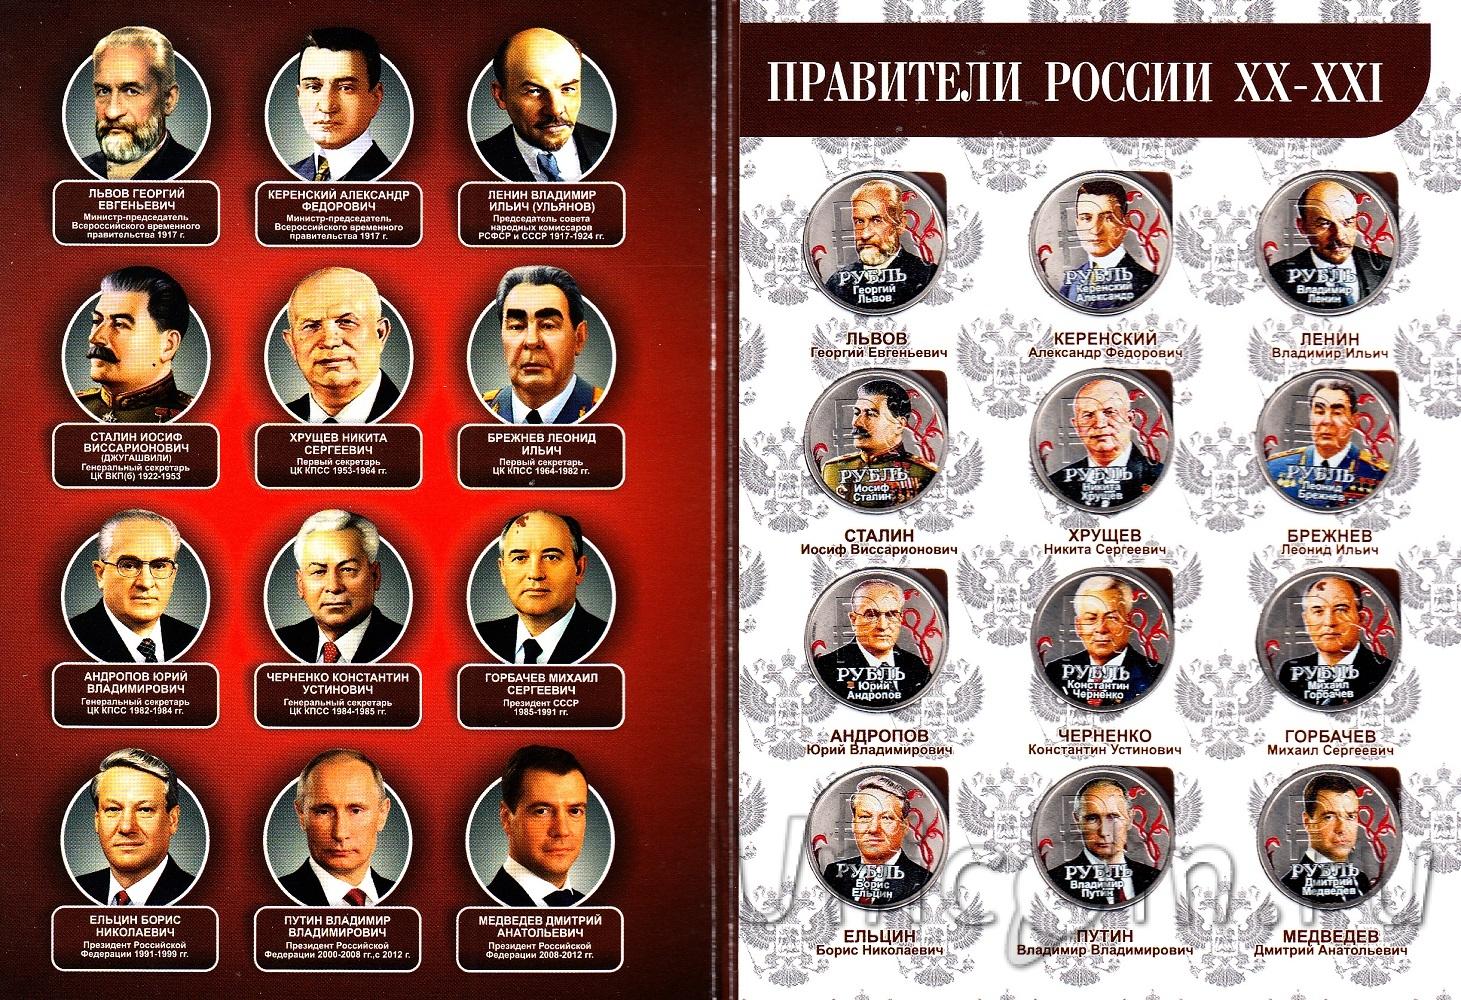 все правители россии племя передвигалось